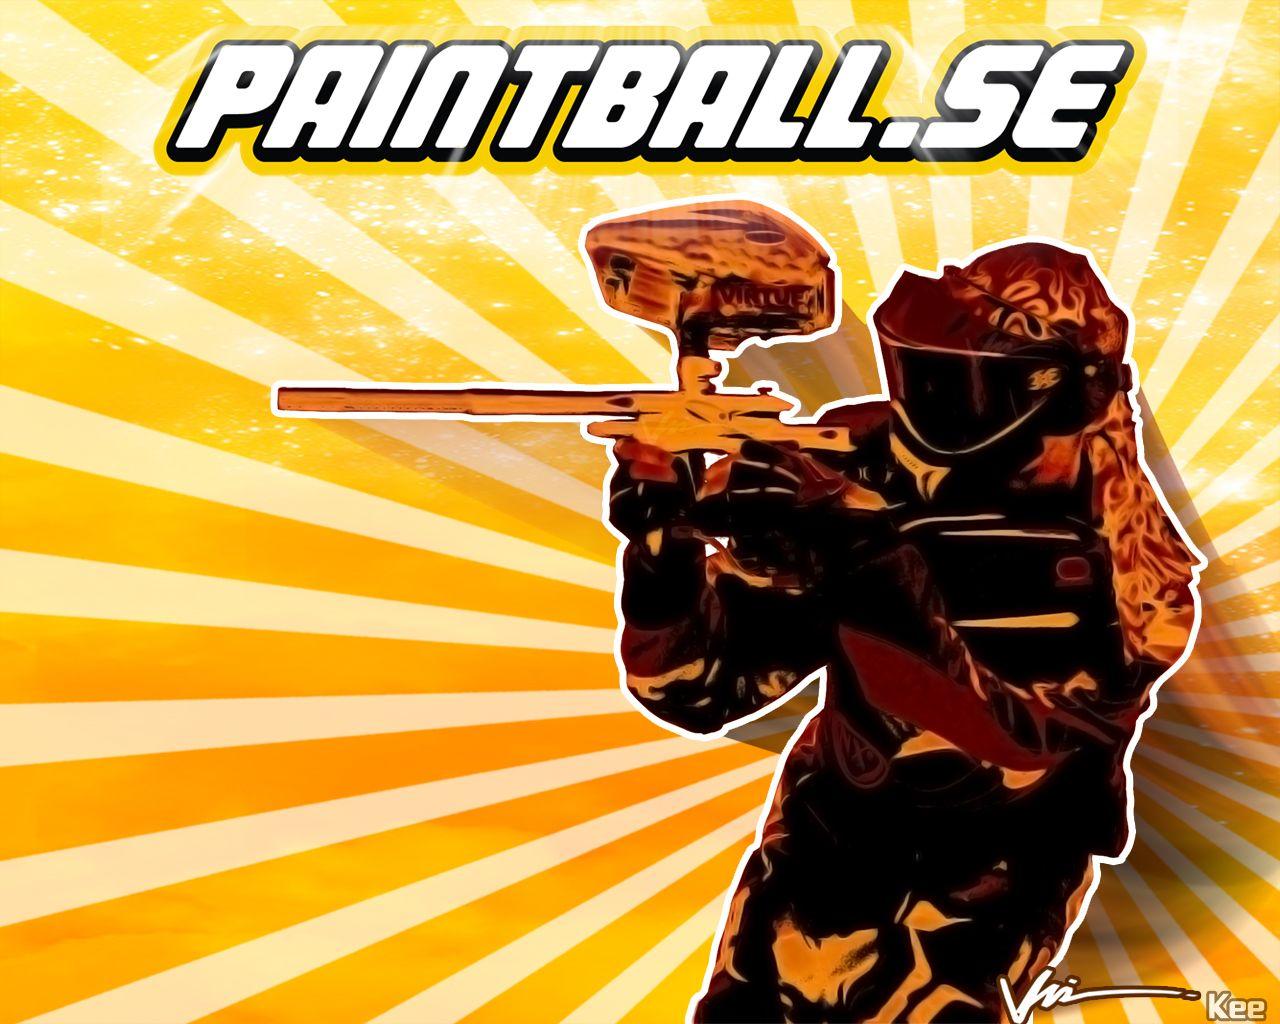 Paintball Wallpaper Background Hd Ramweb 792 594 Paintball Wallpaper 44 Wallpapers Adorable Wallpapers Paintball Wallpaper Adorable